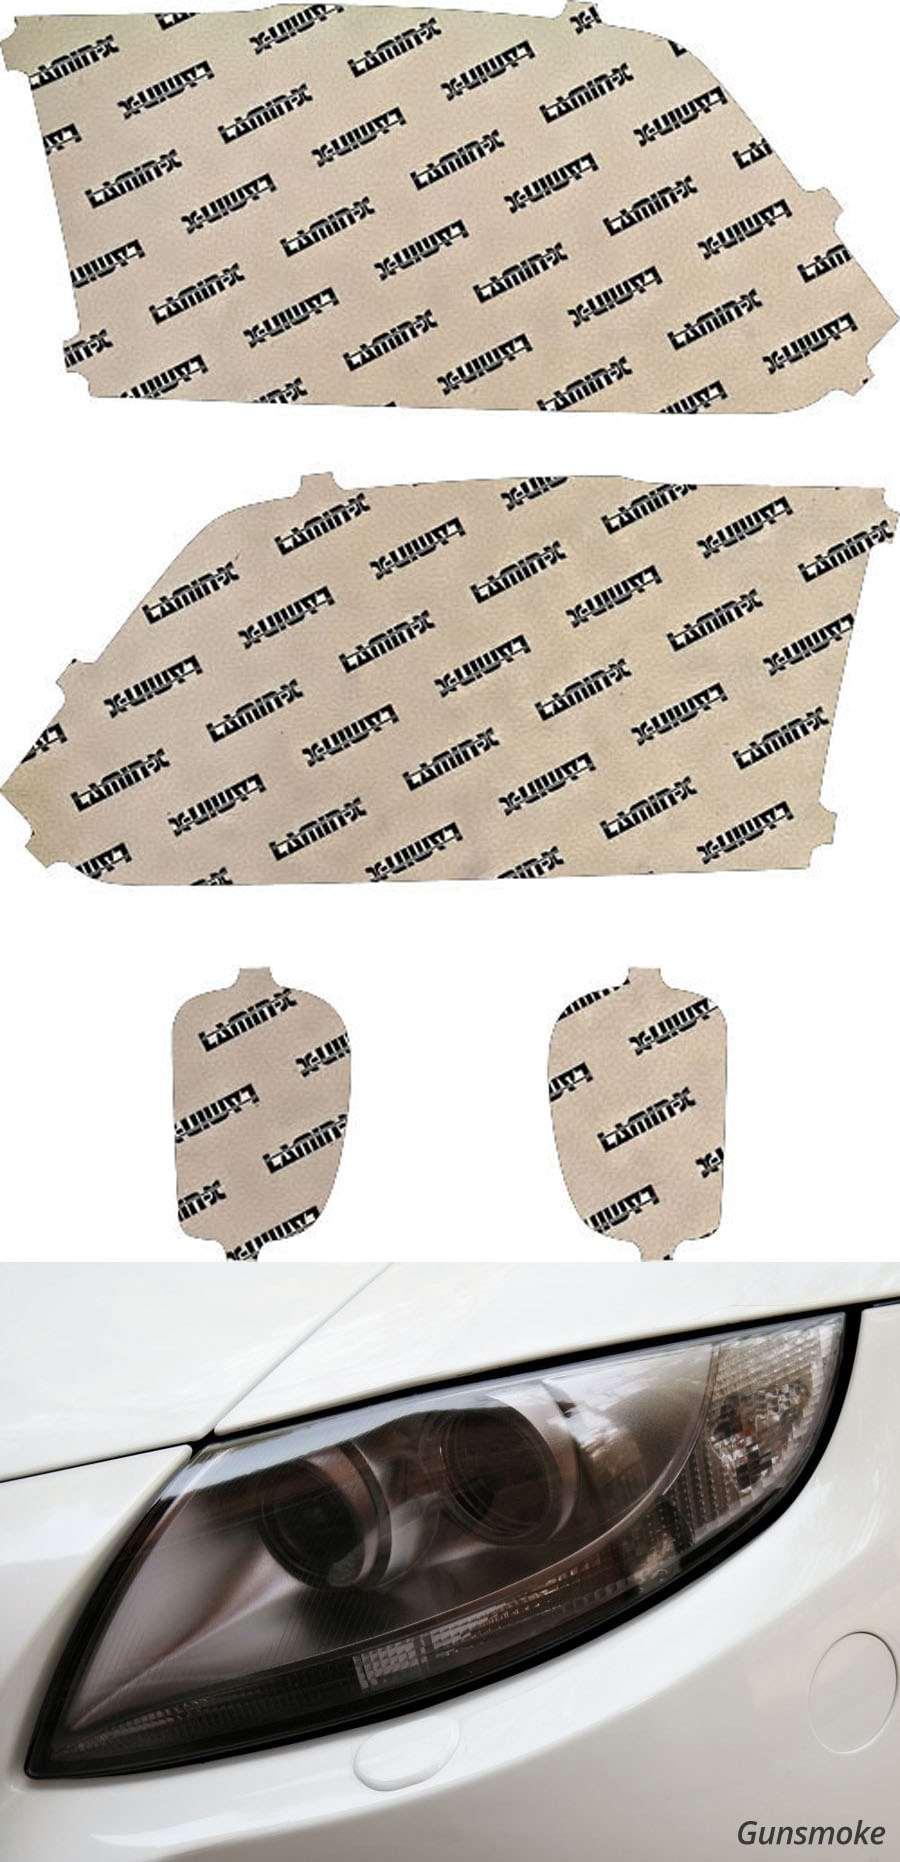 Dodge Ram Truck 1500 13-18 Projector Gunsmoke Headlight Covers Lamin-X D027G